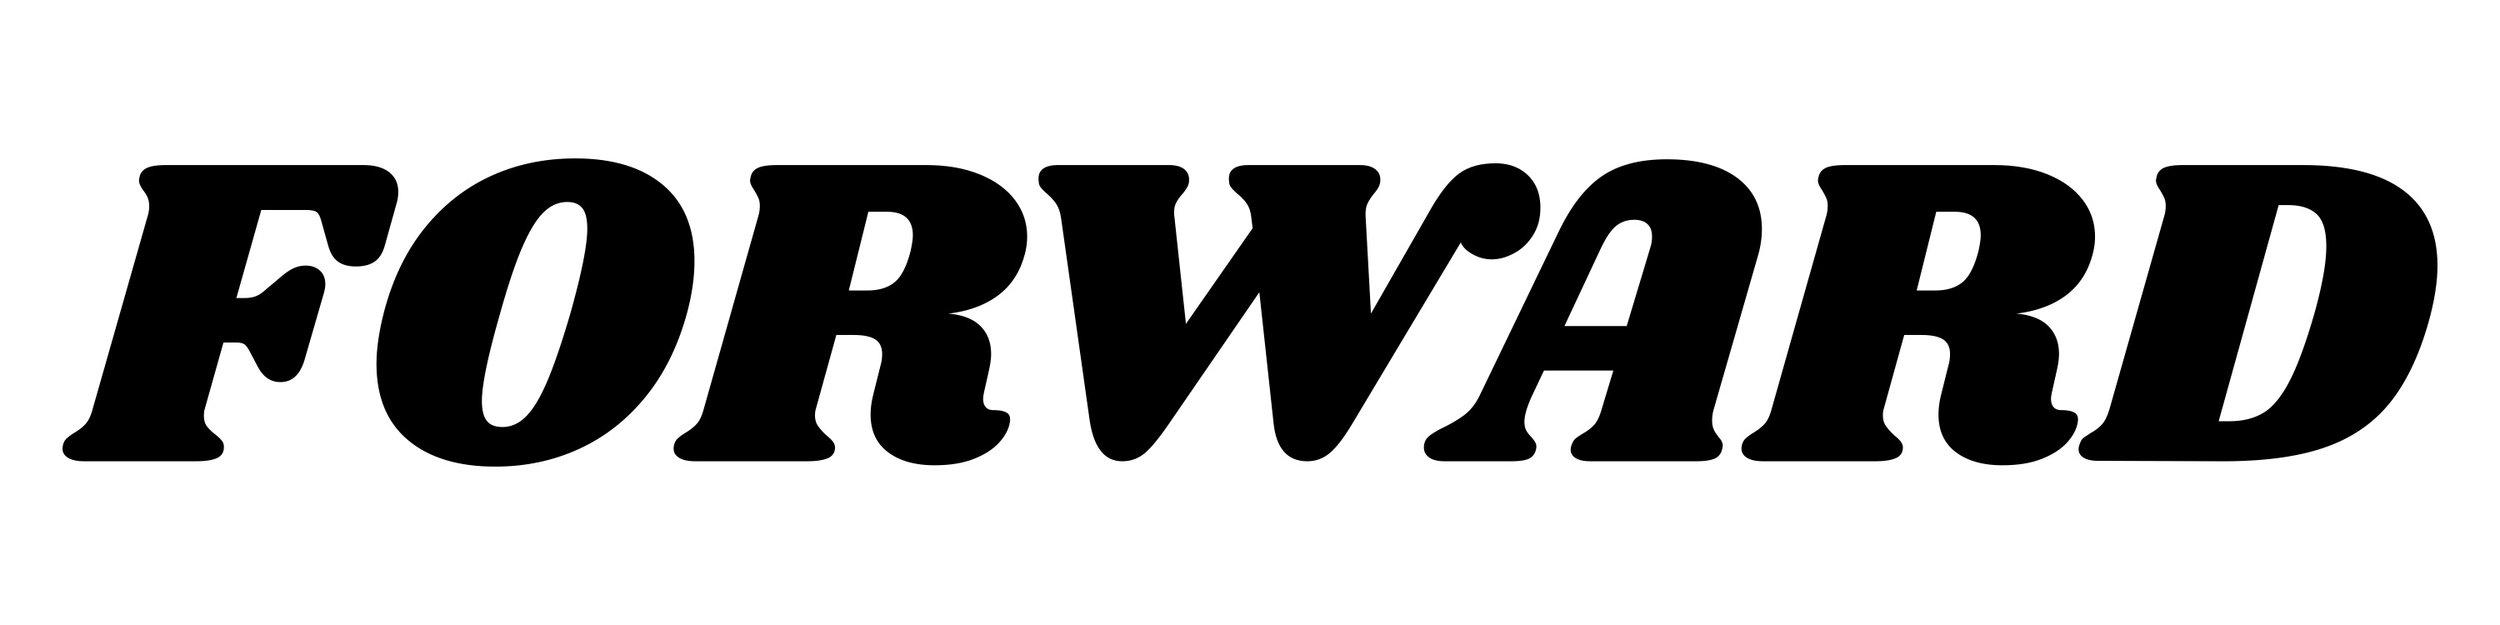 Plywood - 2019 - Forward - Logo.jpg